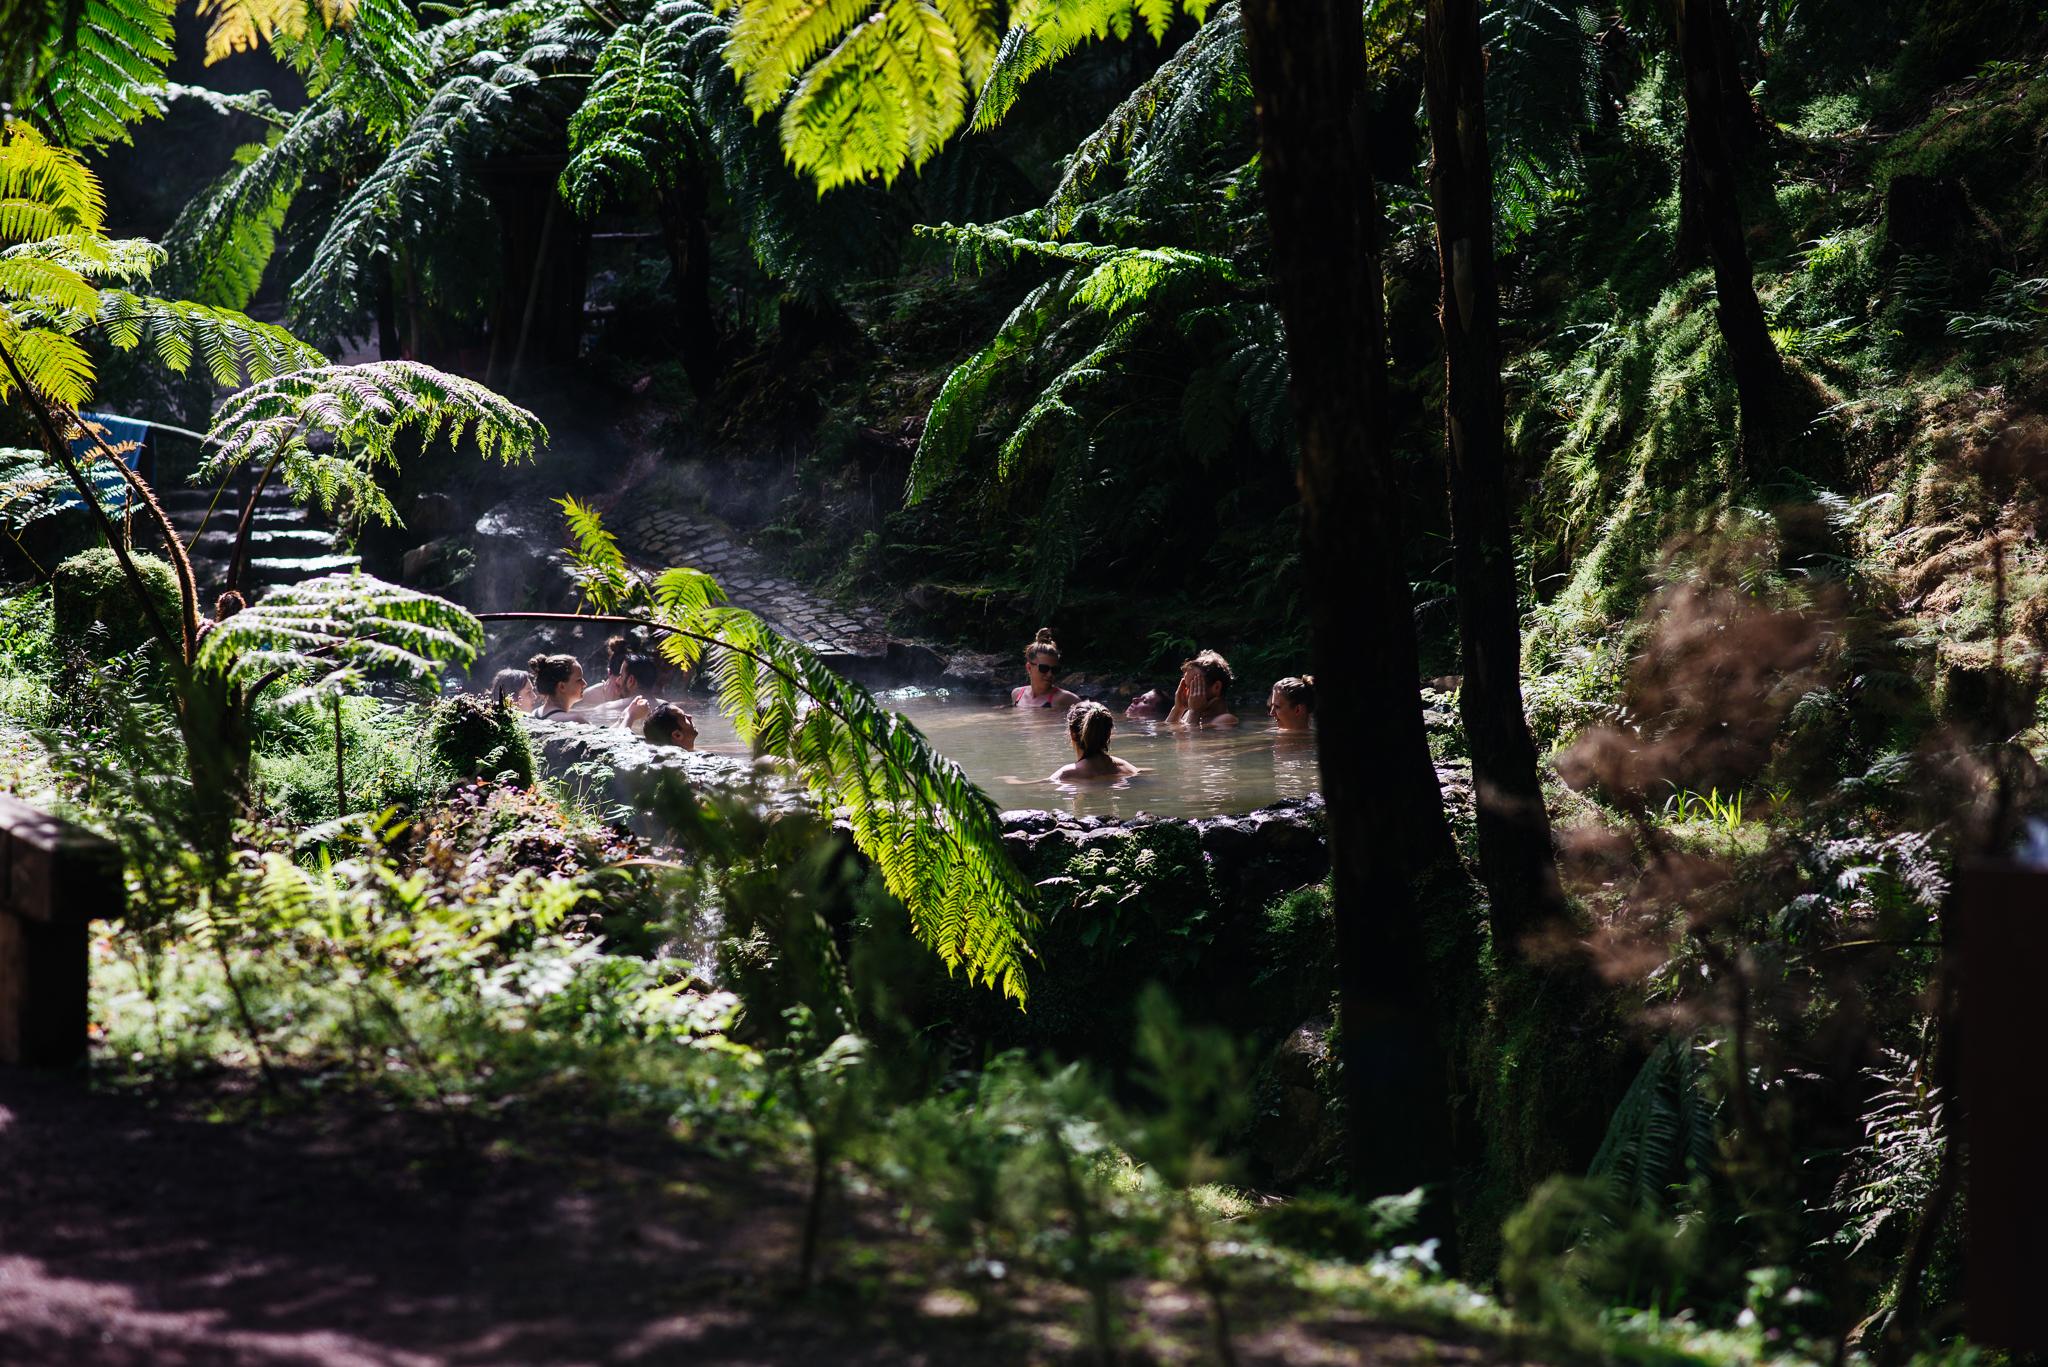 Meleg vizú medence Caldeira Velha-ban